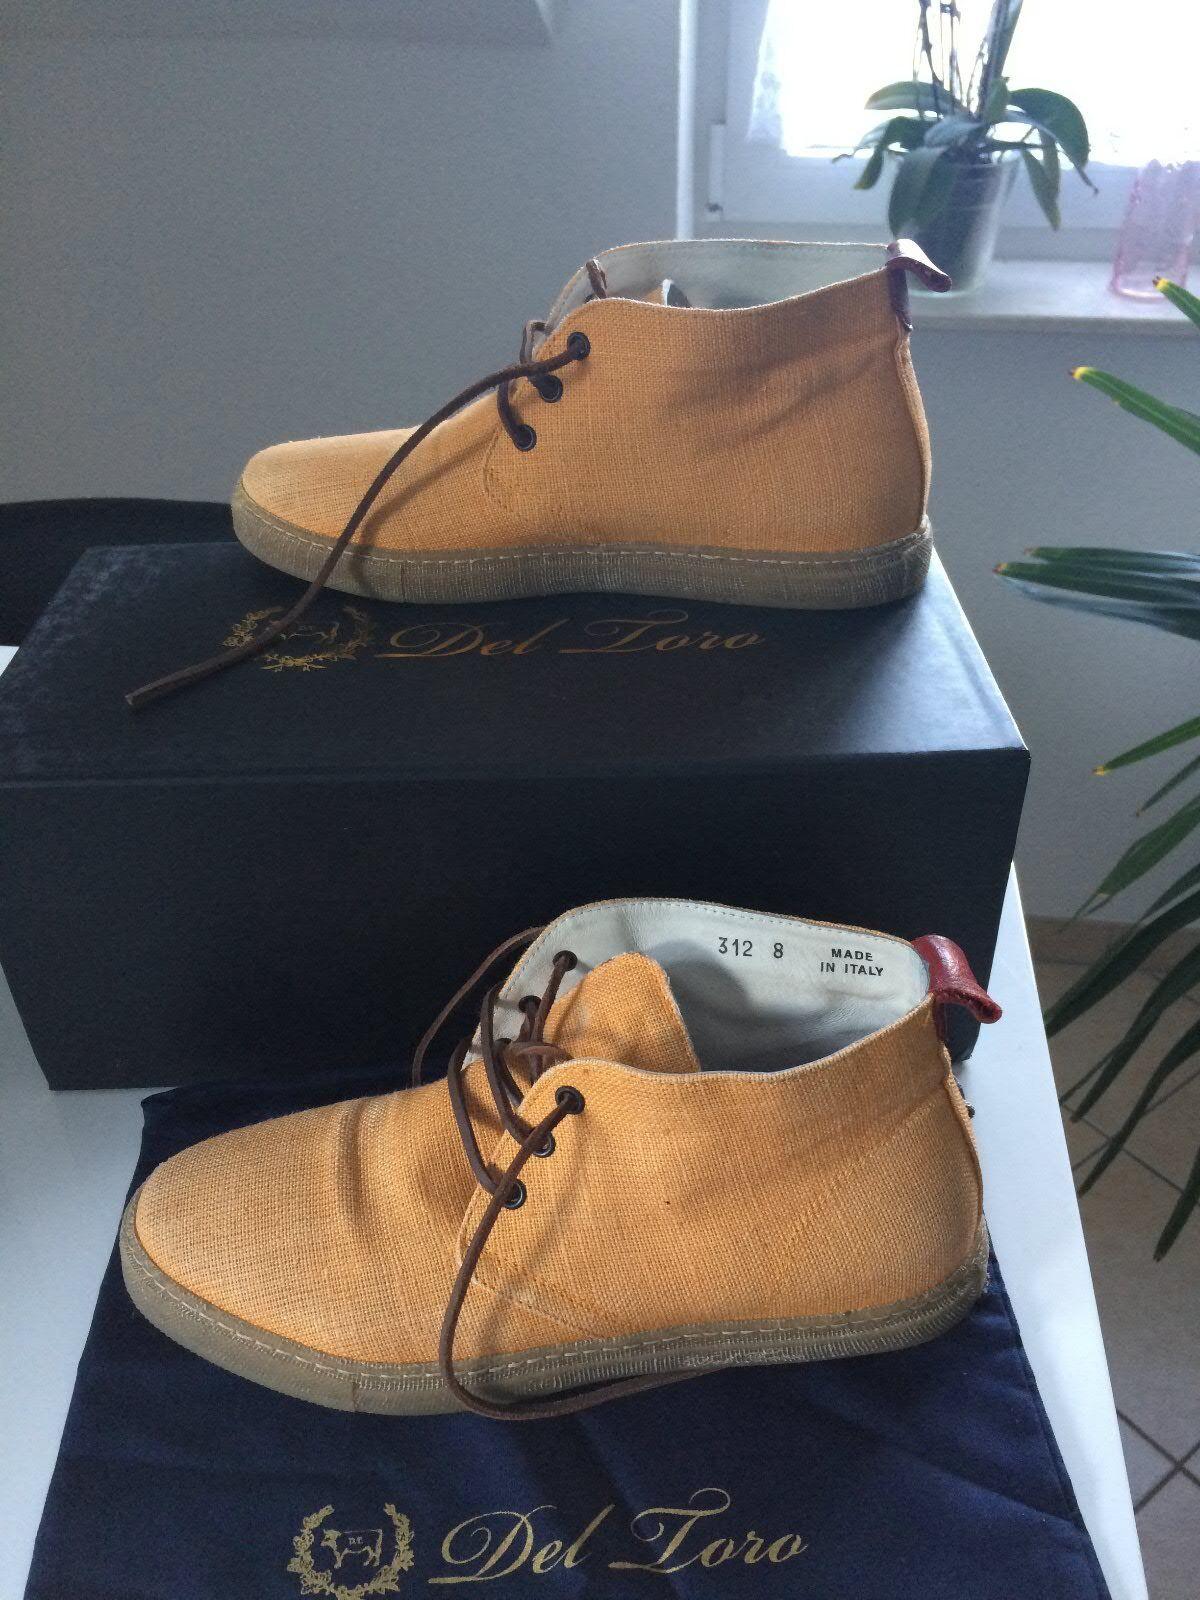 Del Westbrook Toro 41 NBA Russell Westbrook Del Designer Shoes con fattura 48c1b1